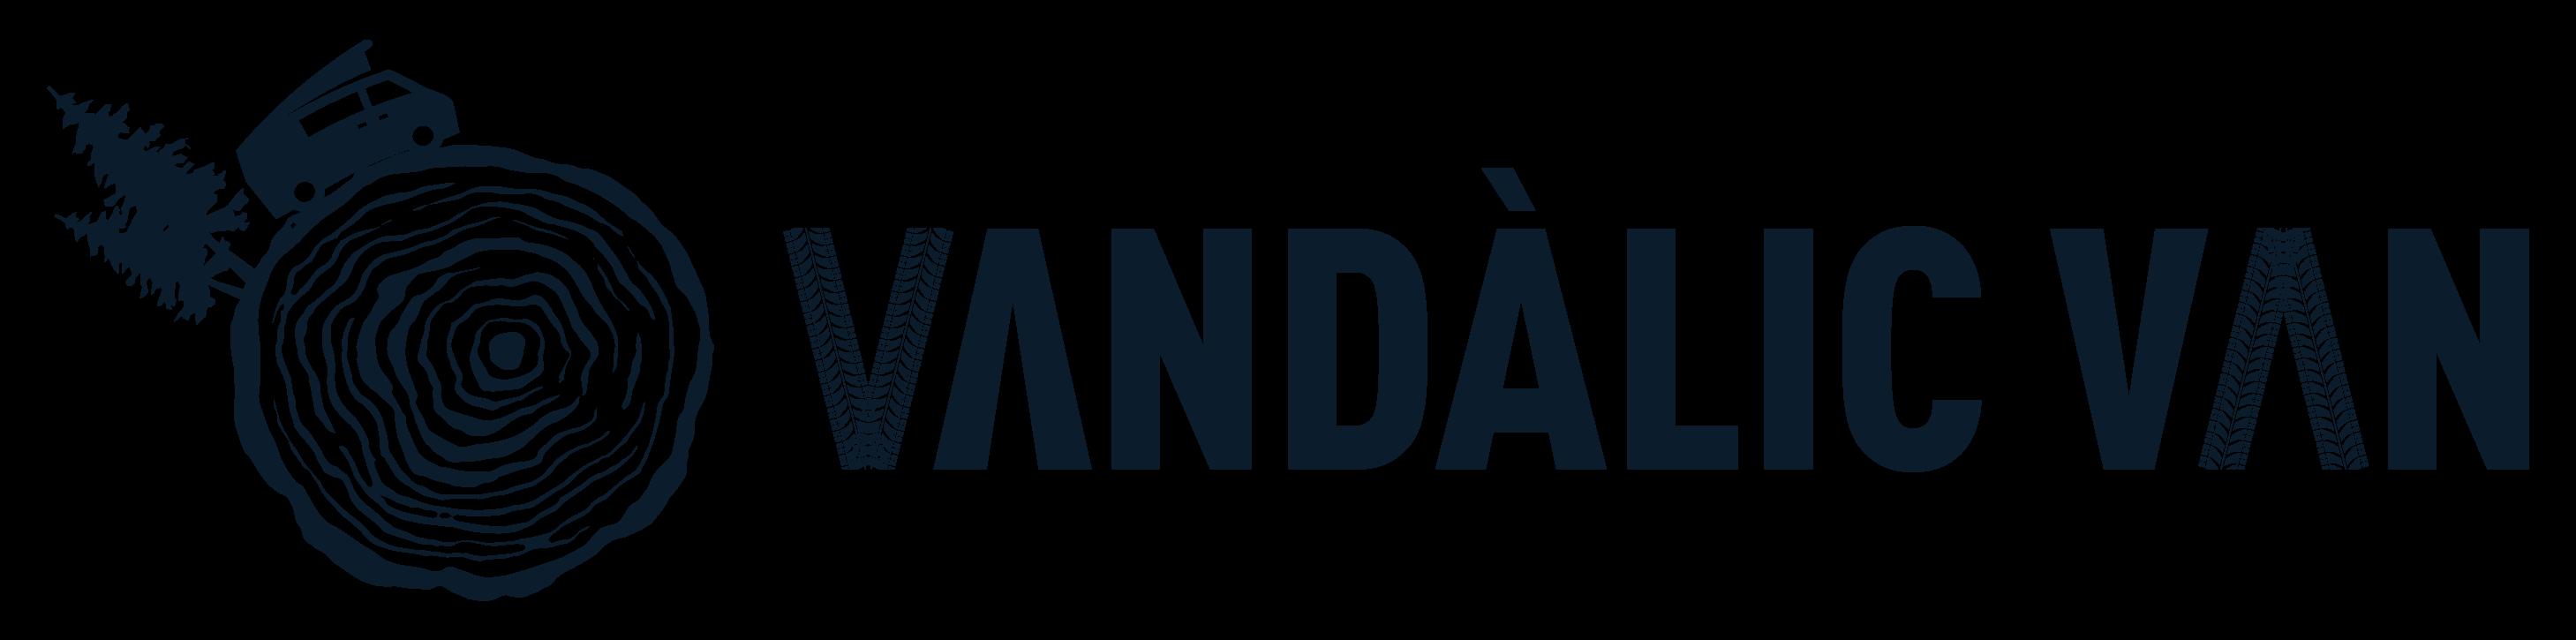 Vandalic Van